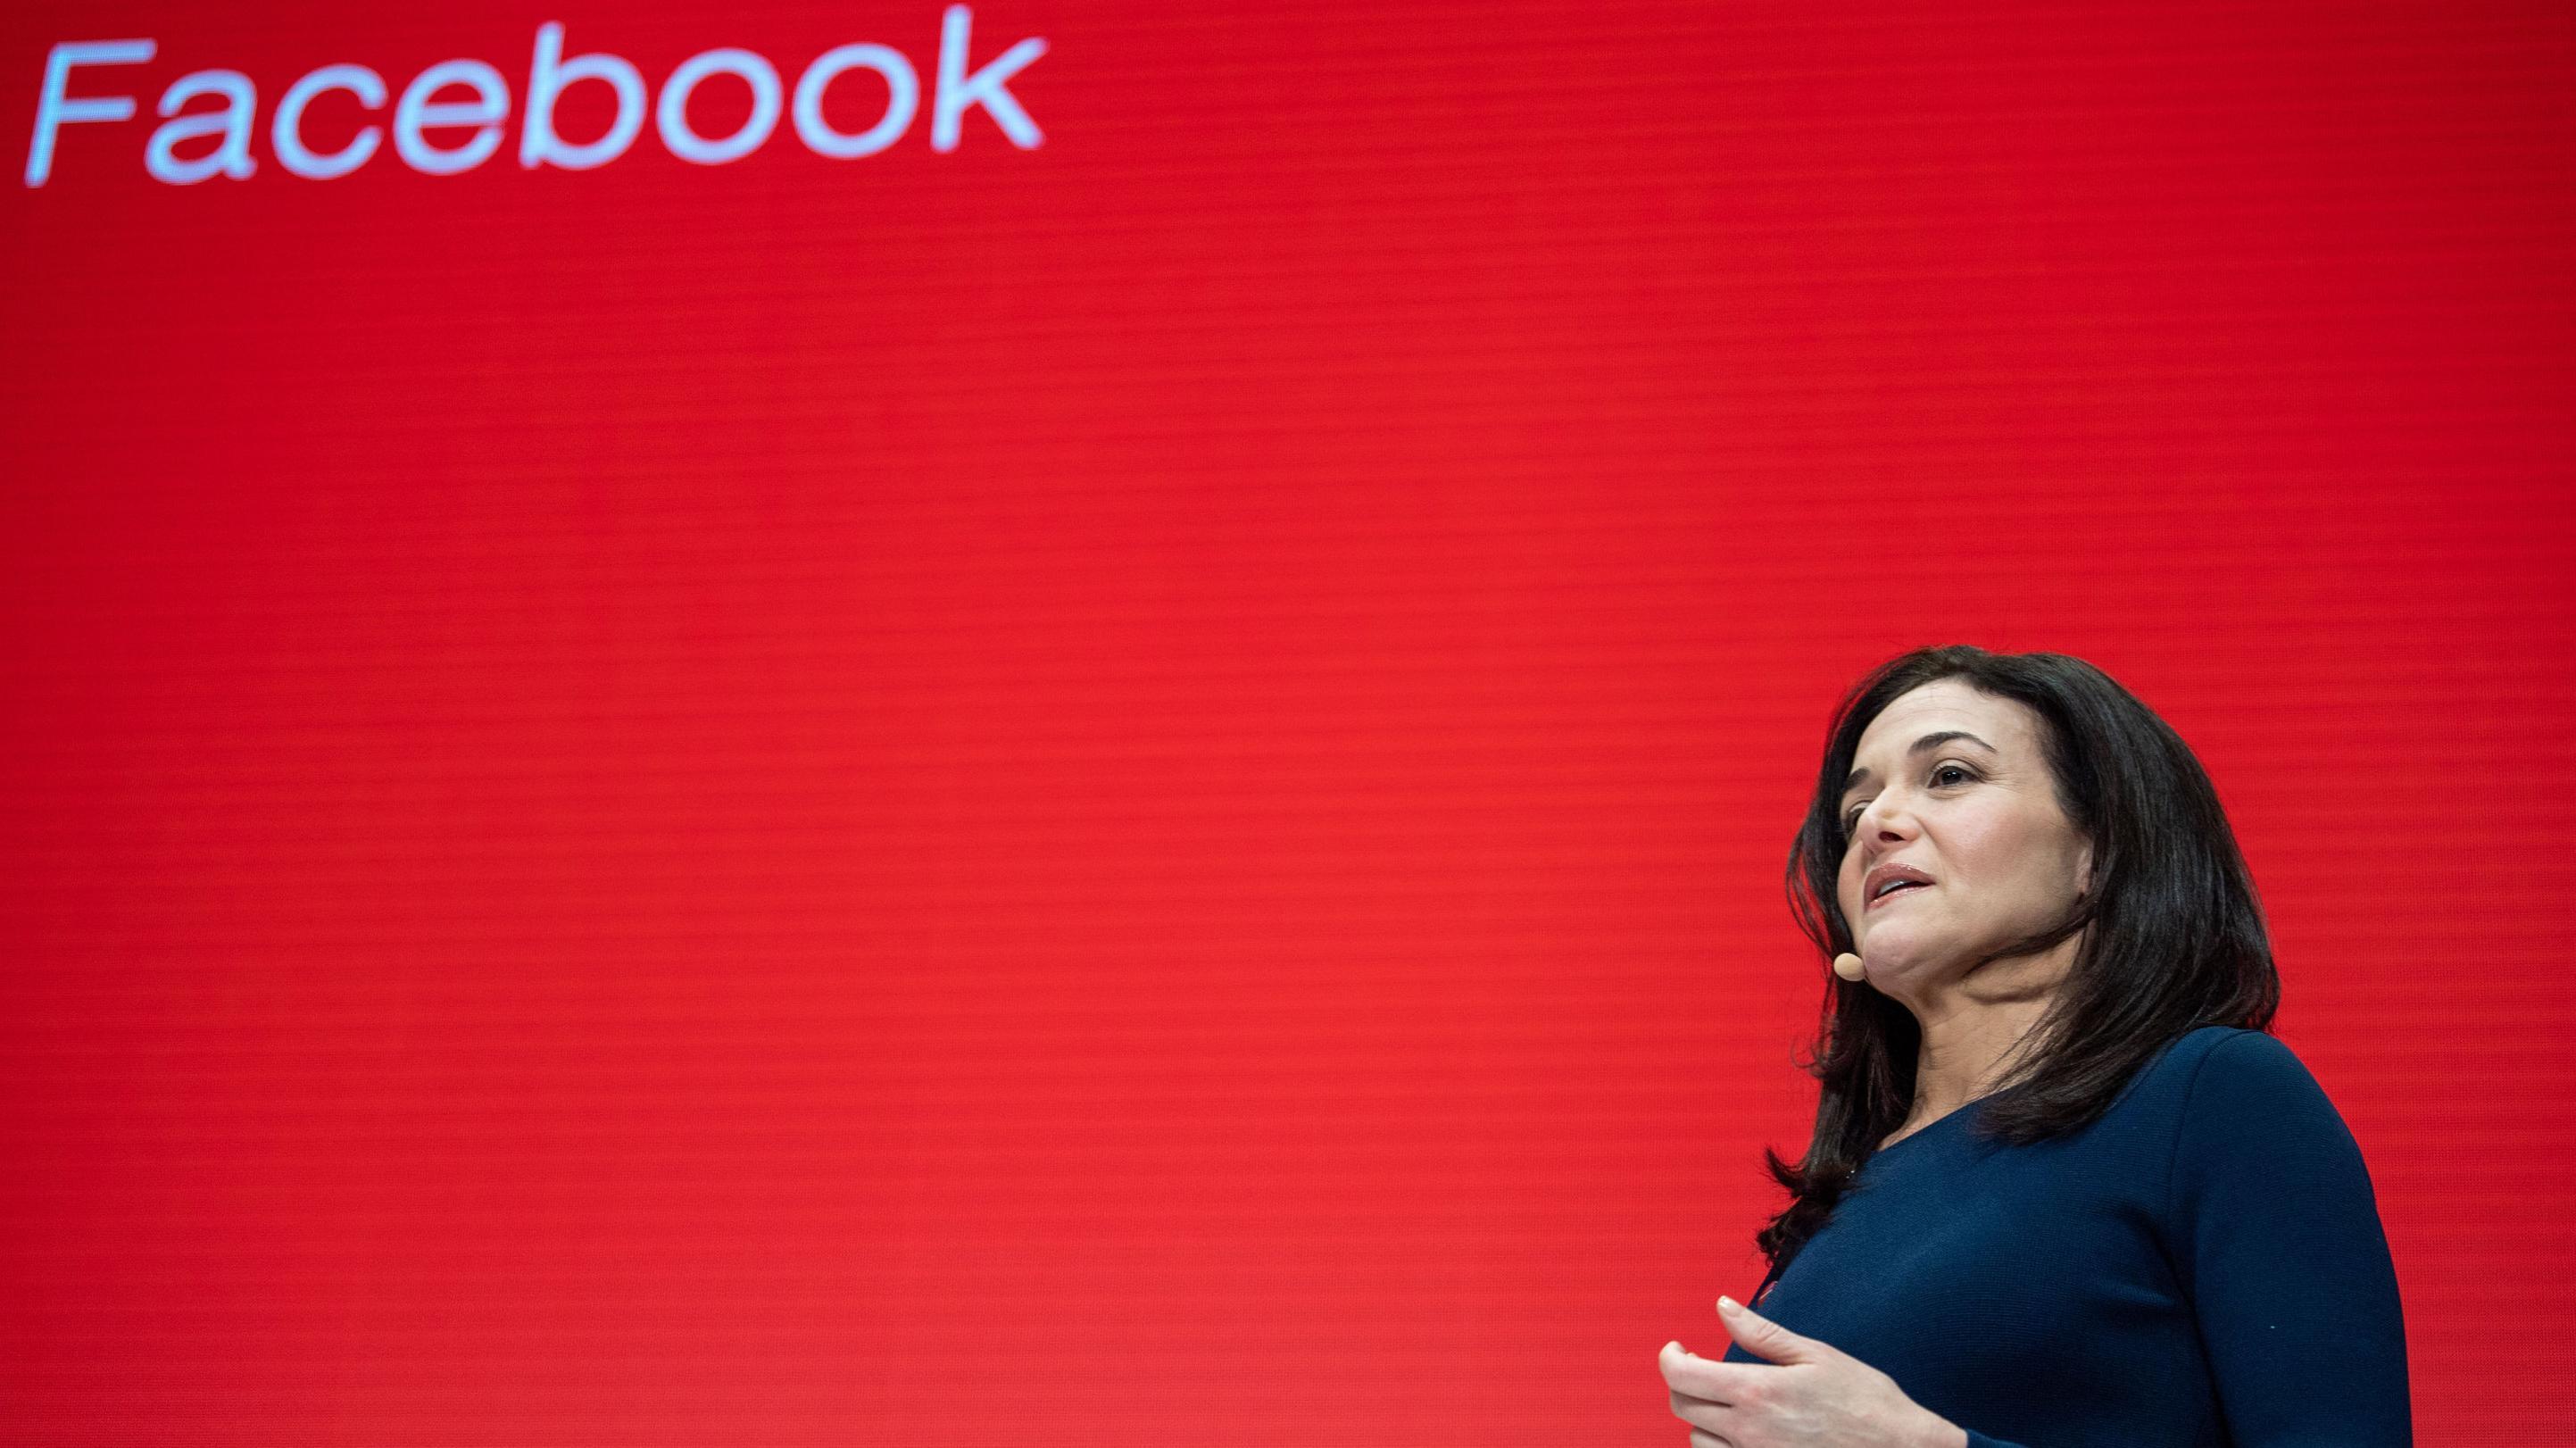 20.01.2019, Bayern, München: Sheryl Sandberg, Geschäftsführerin von Facebook, spricht bei der Innovationskonferenz Digital-Life-Design (DLD)